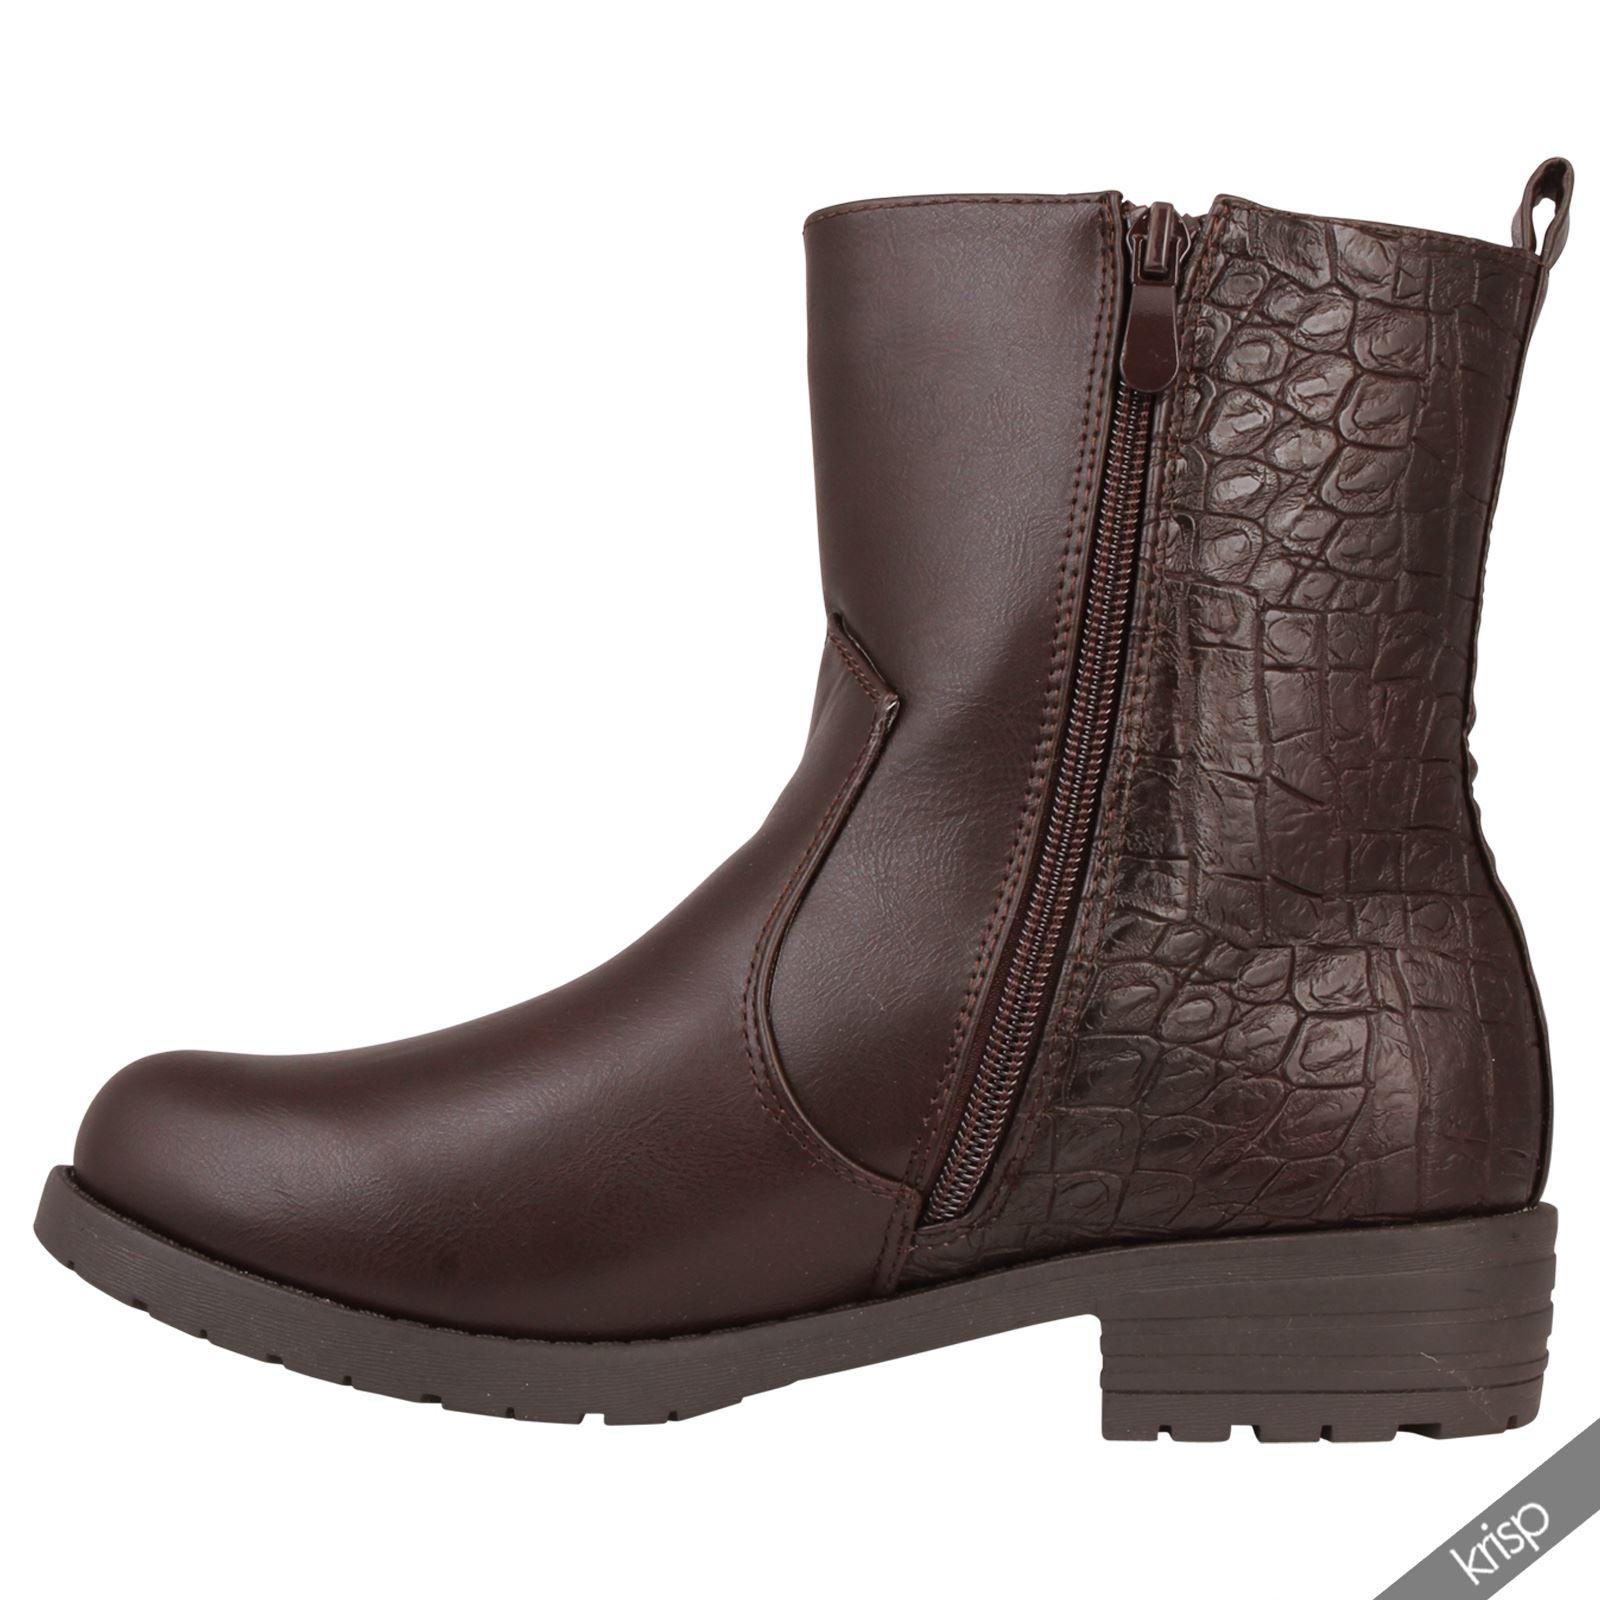 damen winter stiefel gef ttert halbhohe biker boots. Black Bedroom Furniture Sets. Home Design Ideas